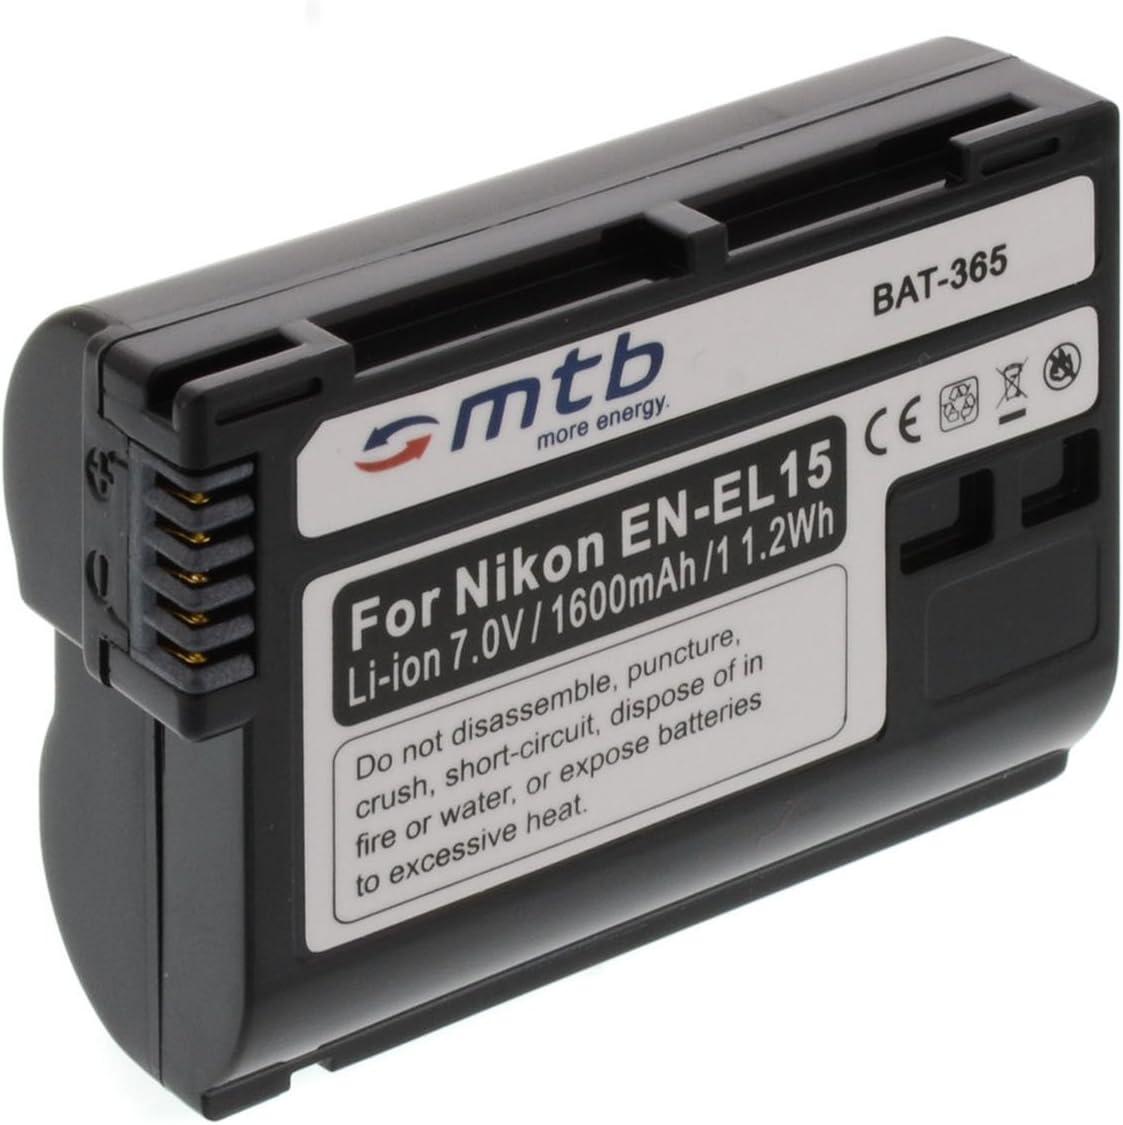 Ersatz Akku En El15 Für Nikon 1 V1 D600 D610 D800 Kamera